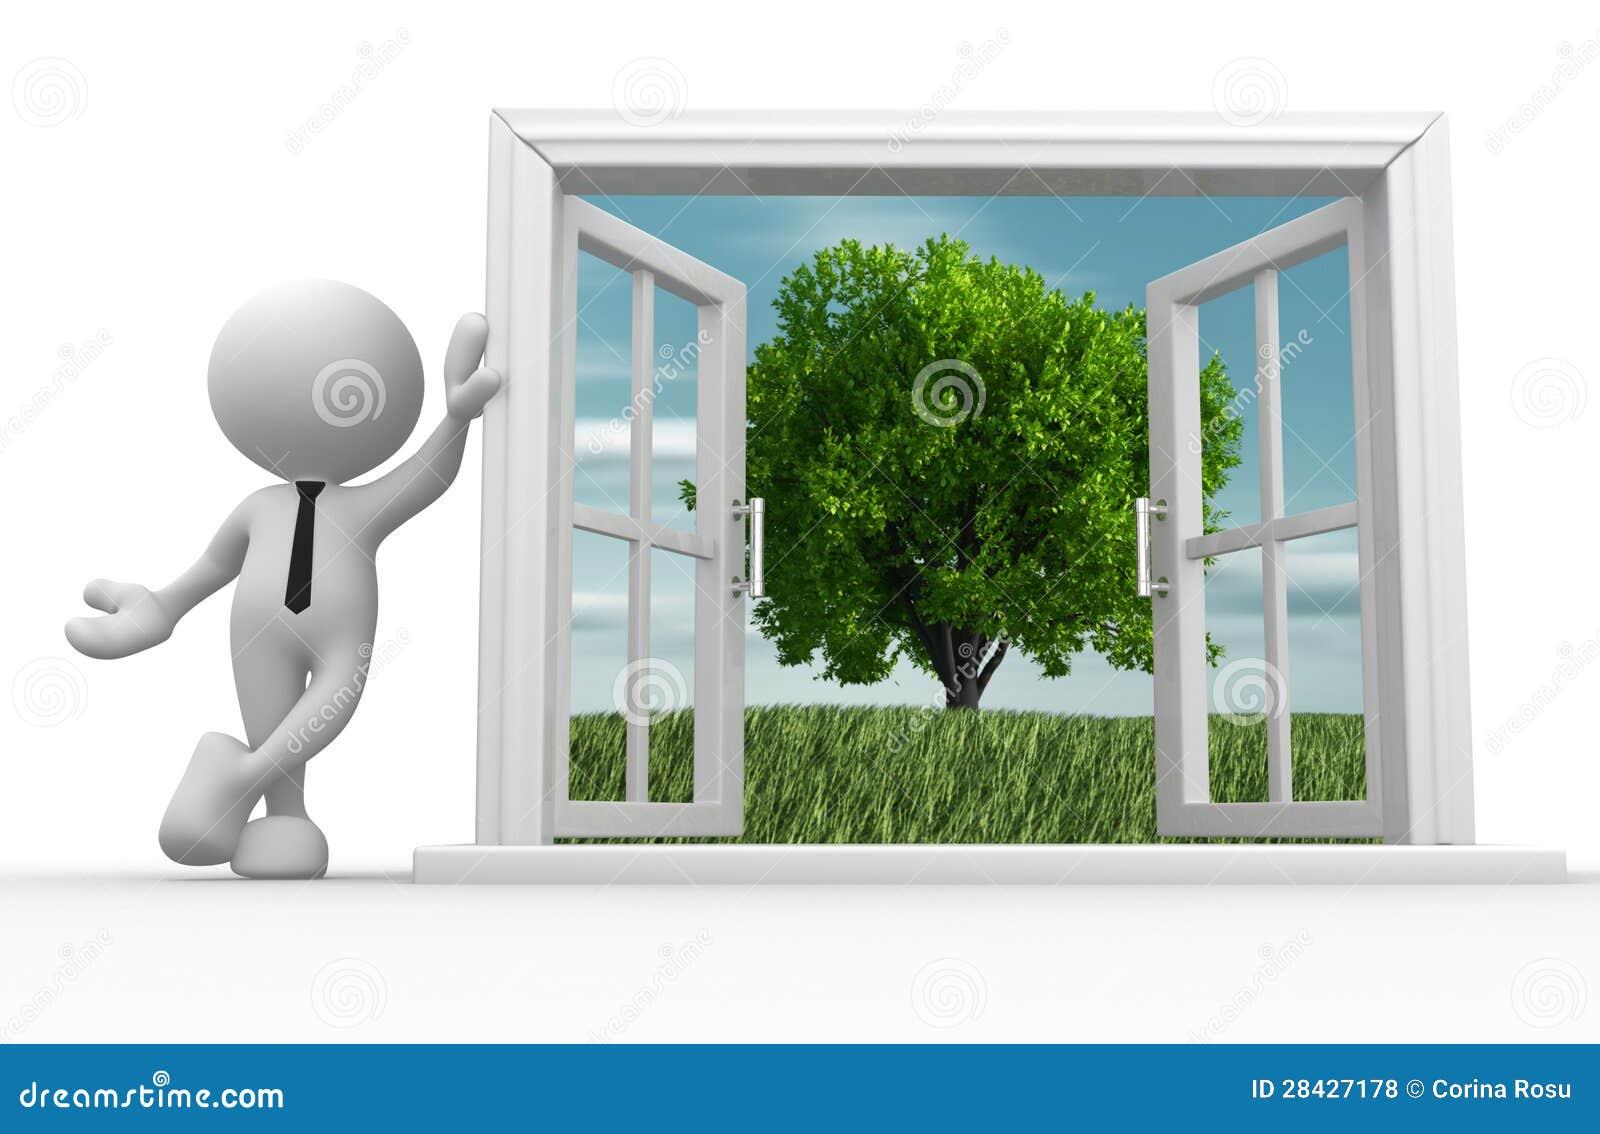 Offenes fenster  Offenes Fenster Lizenzfreie Stockfotos - Bild: 28427178